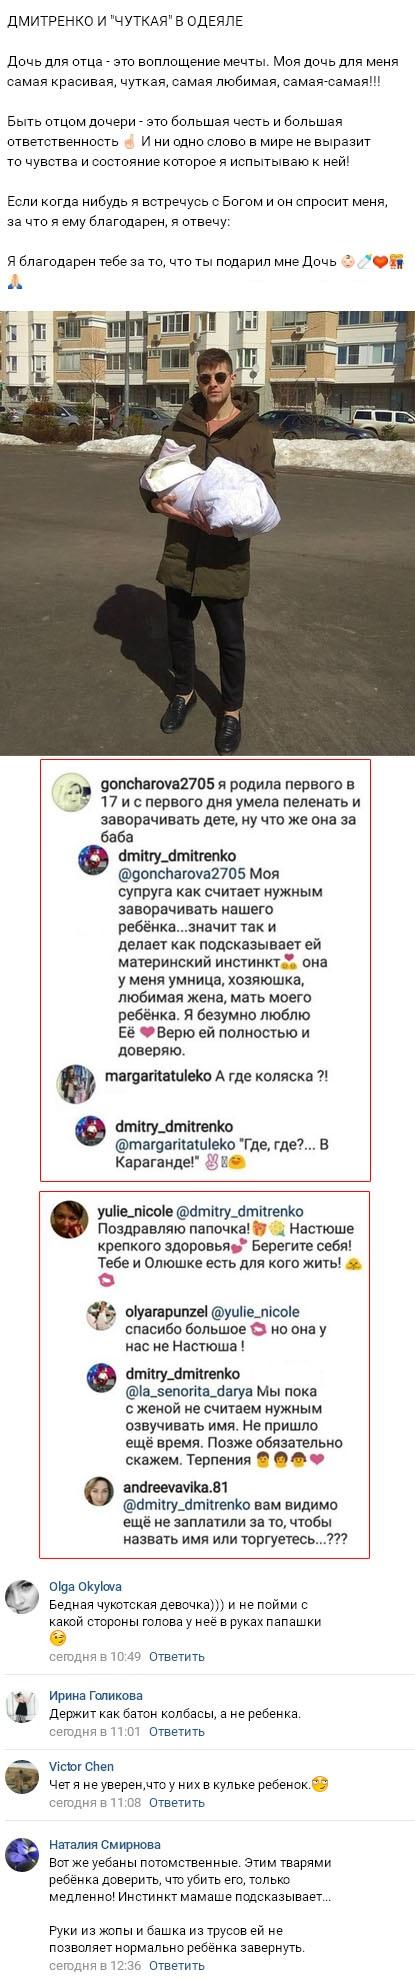 Криворукую Ольги Рапунцель раскритиковали за то как она неумело пеленает дочку